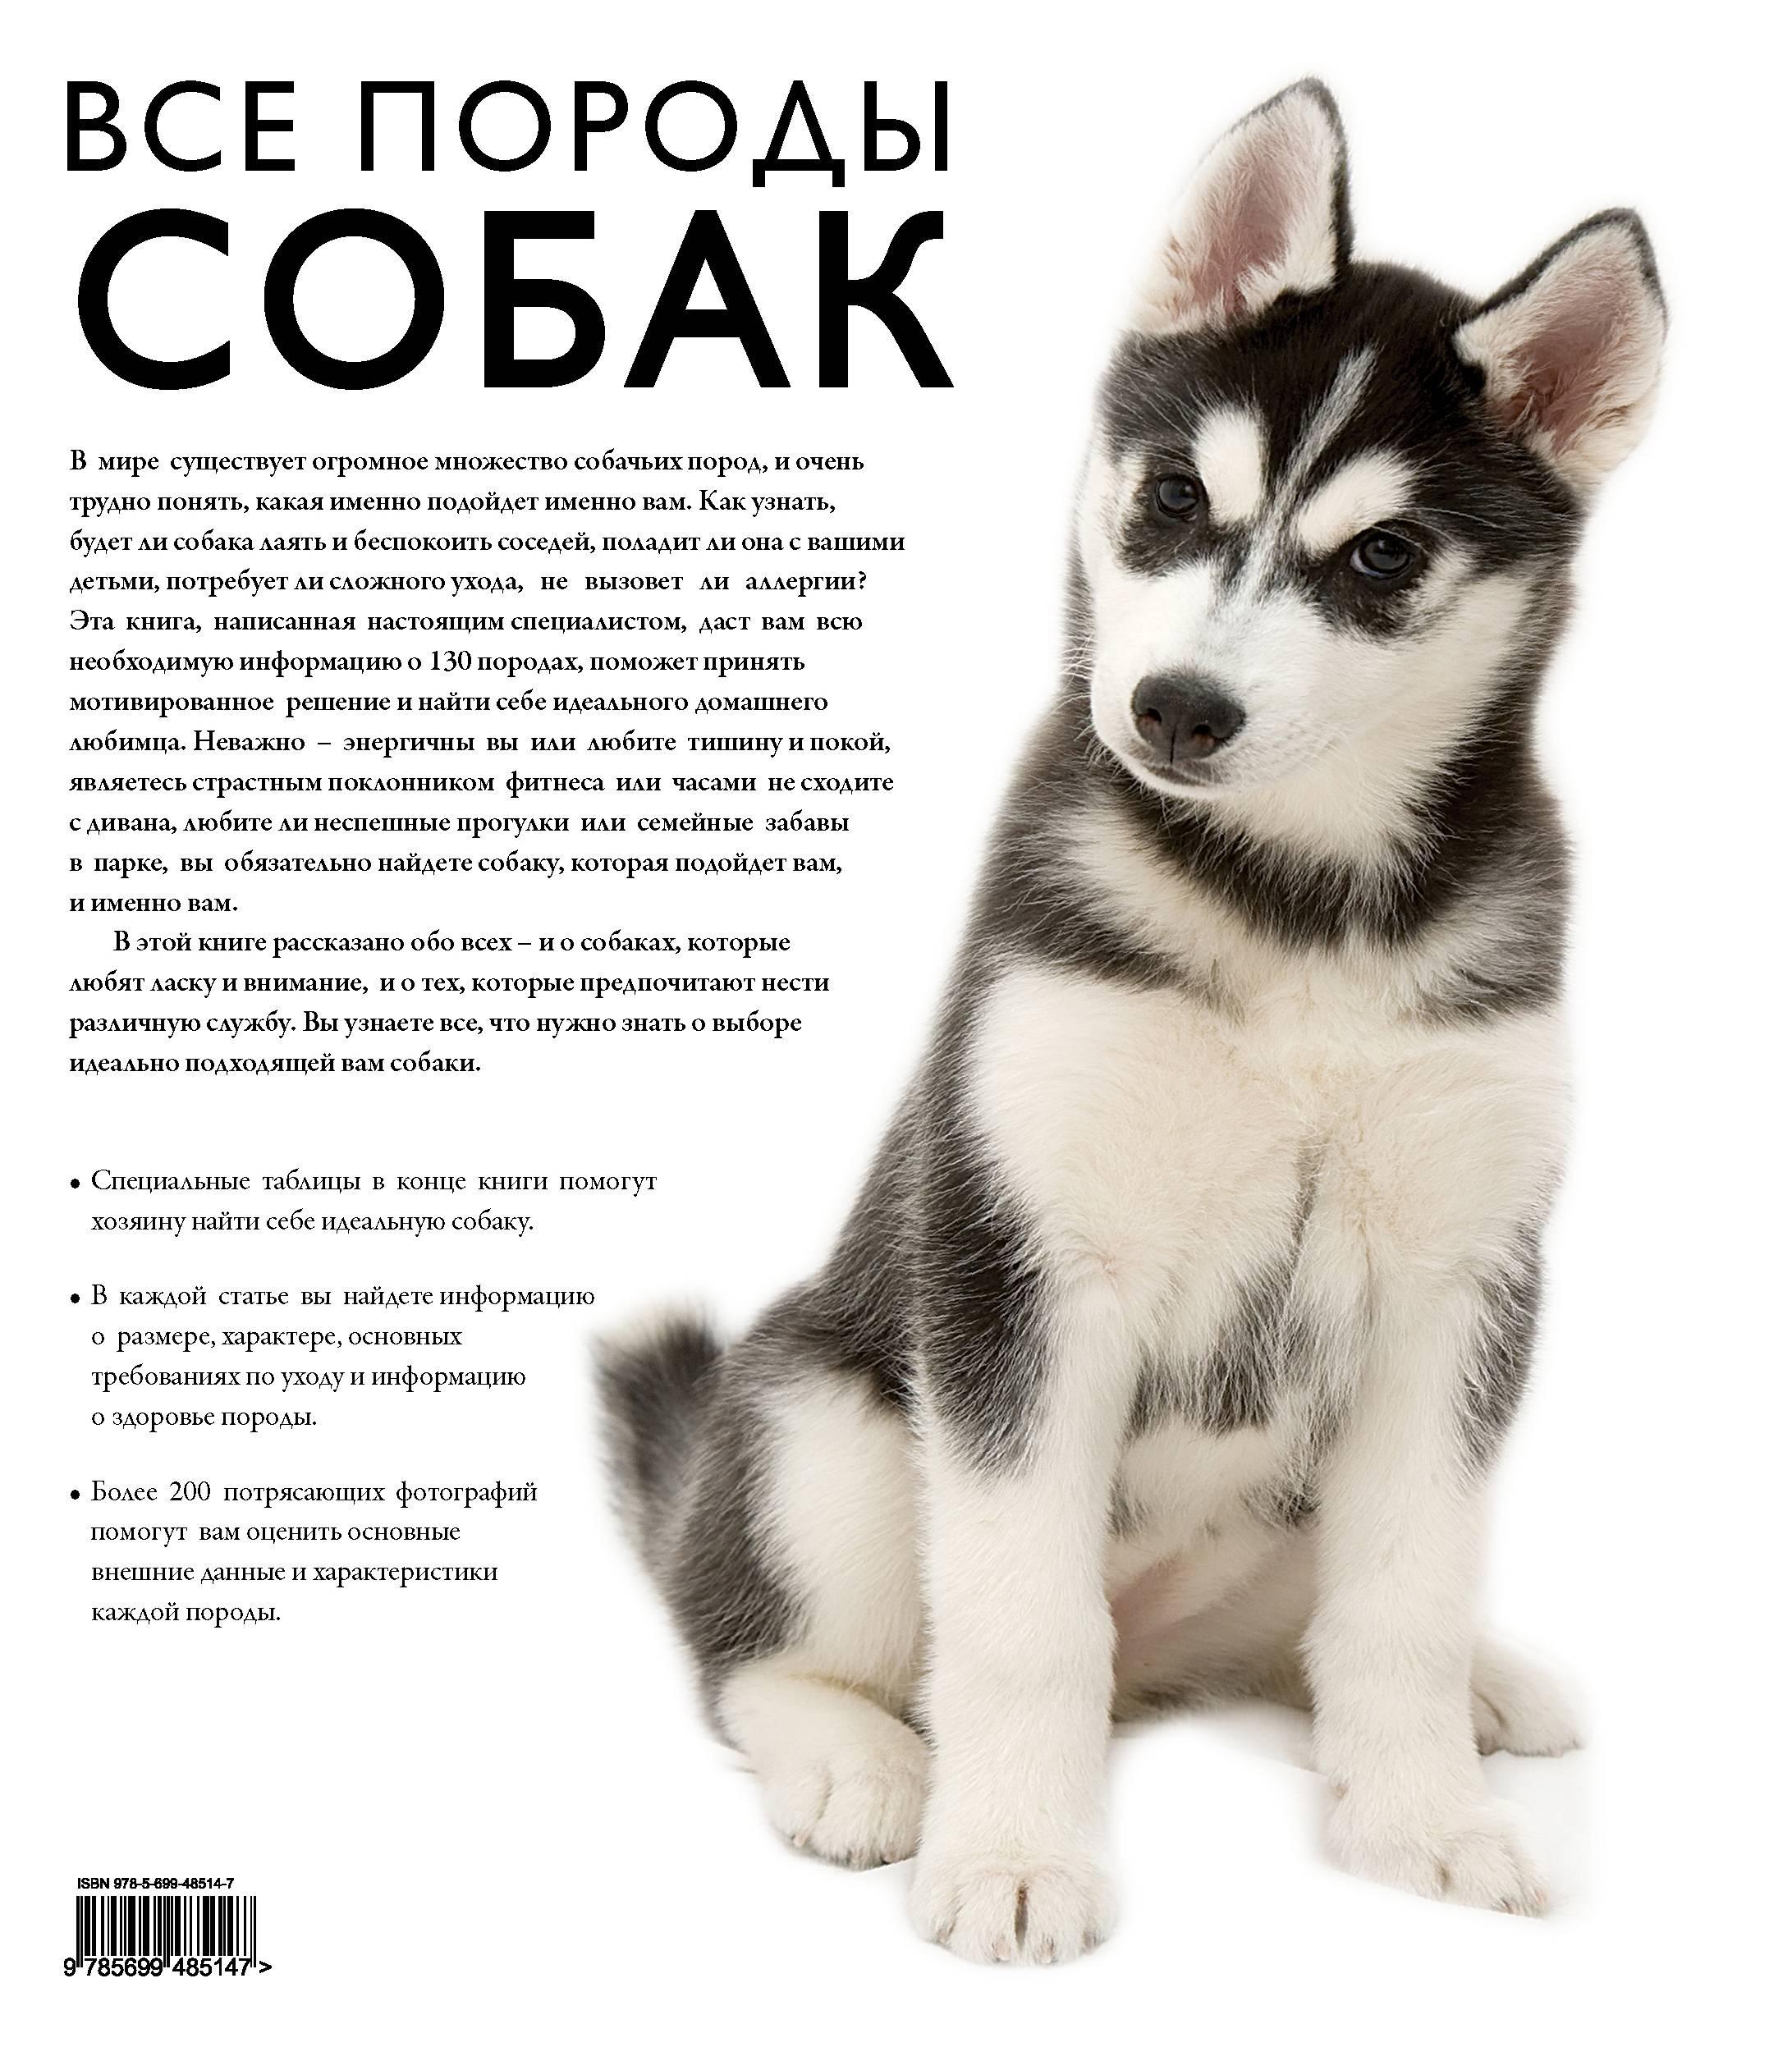 Все породы собак — каталог по алфавиту: описания и фото пород, история, характер